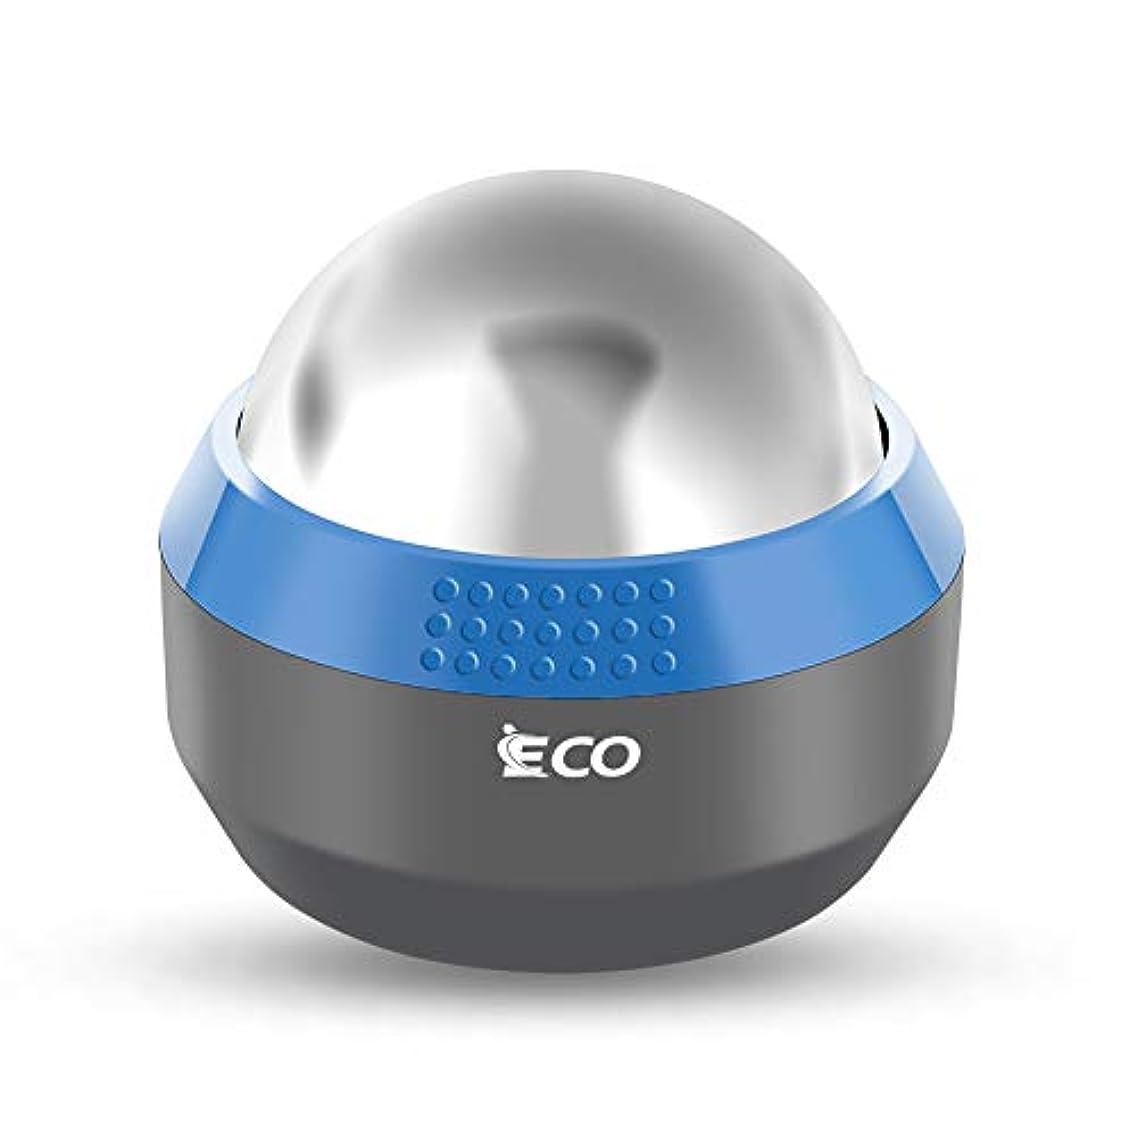 呼吸するケーブル裂け目冷温マッサージボール 冷温対応 筋肉の柔軟性向上 運動後の快速疲労回復 冷感マッサージによる筋肉の深層までの浸透効果